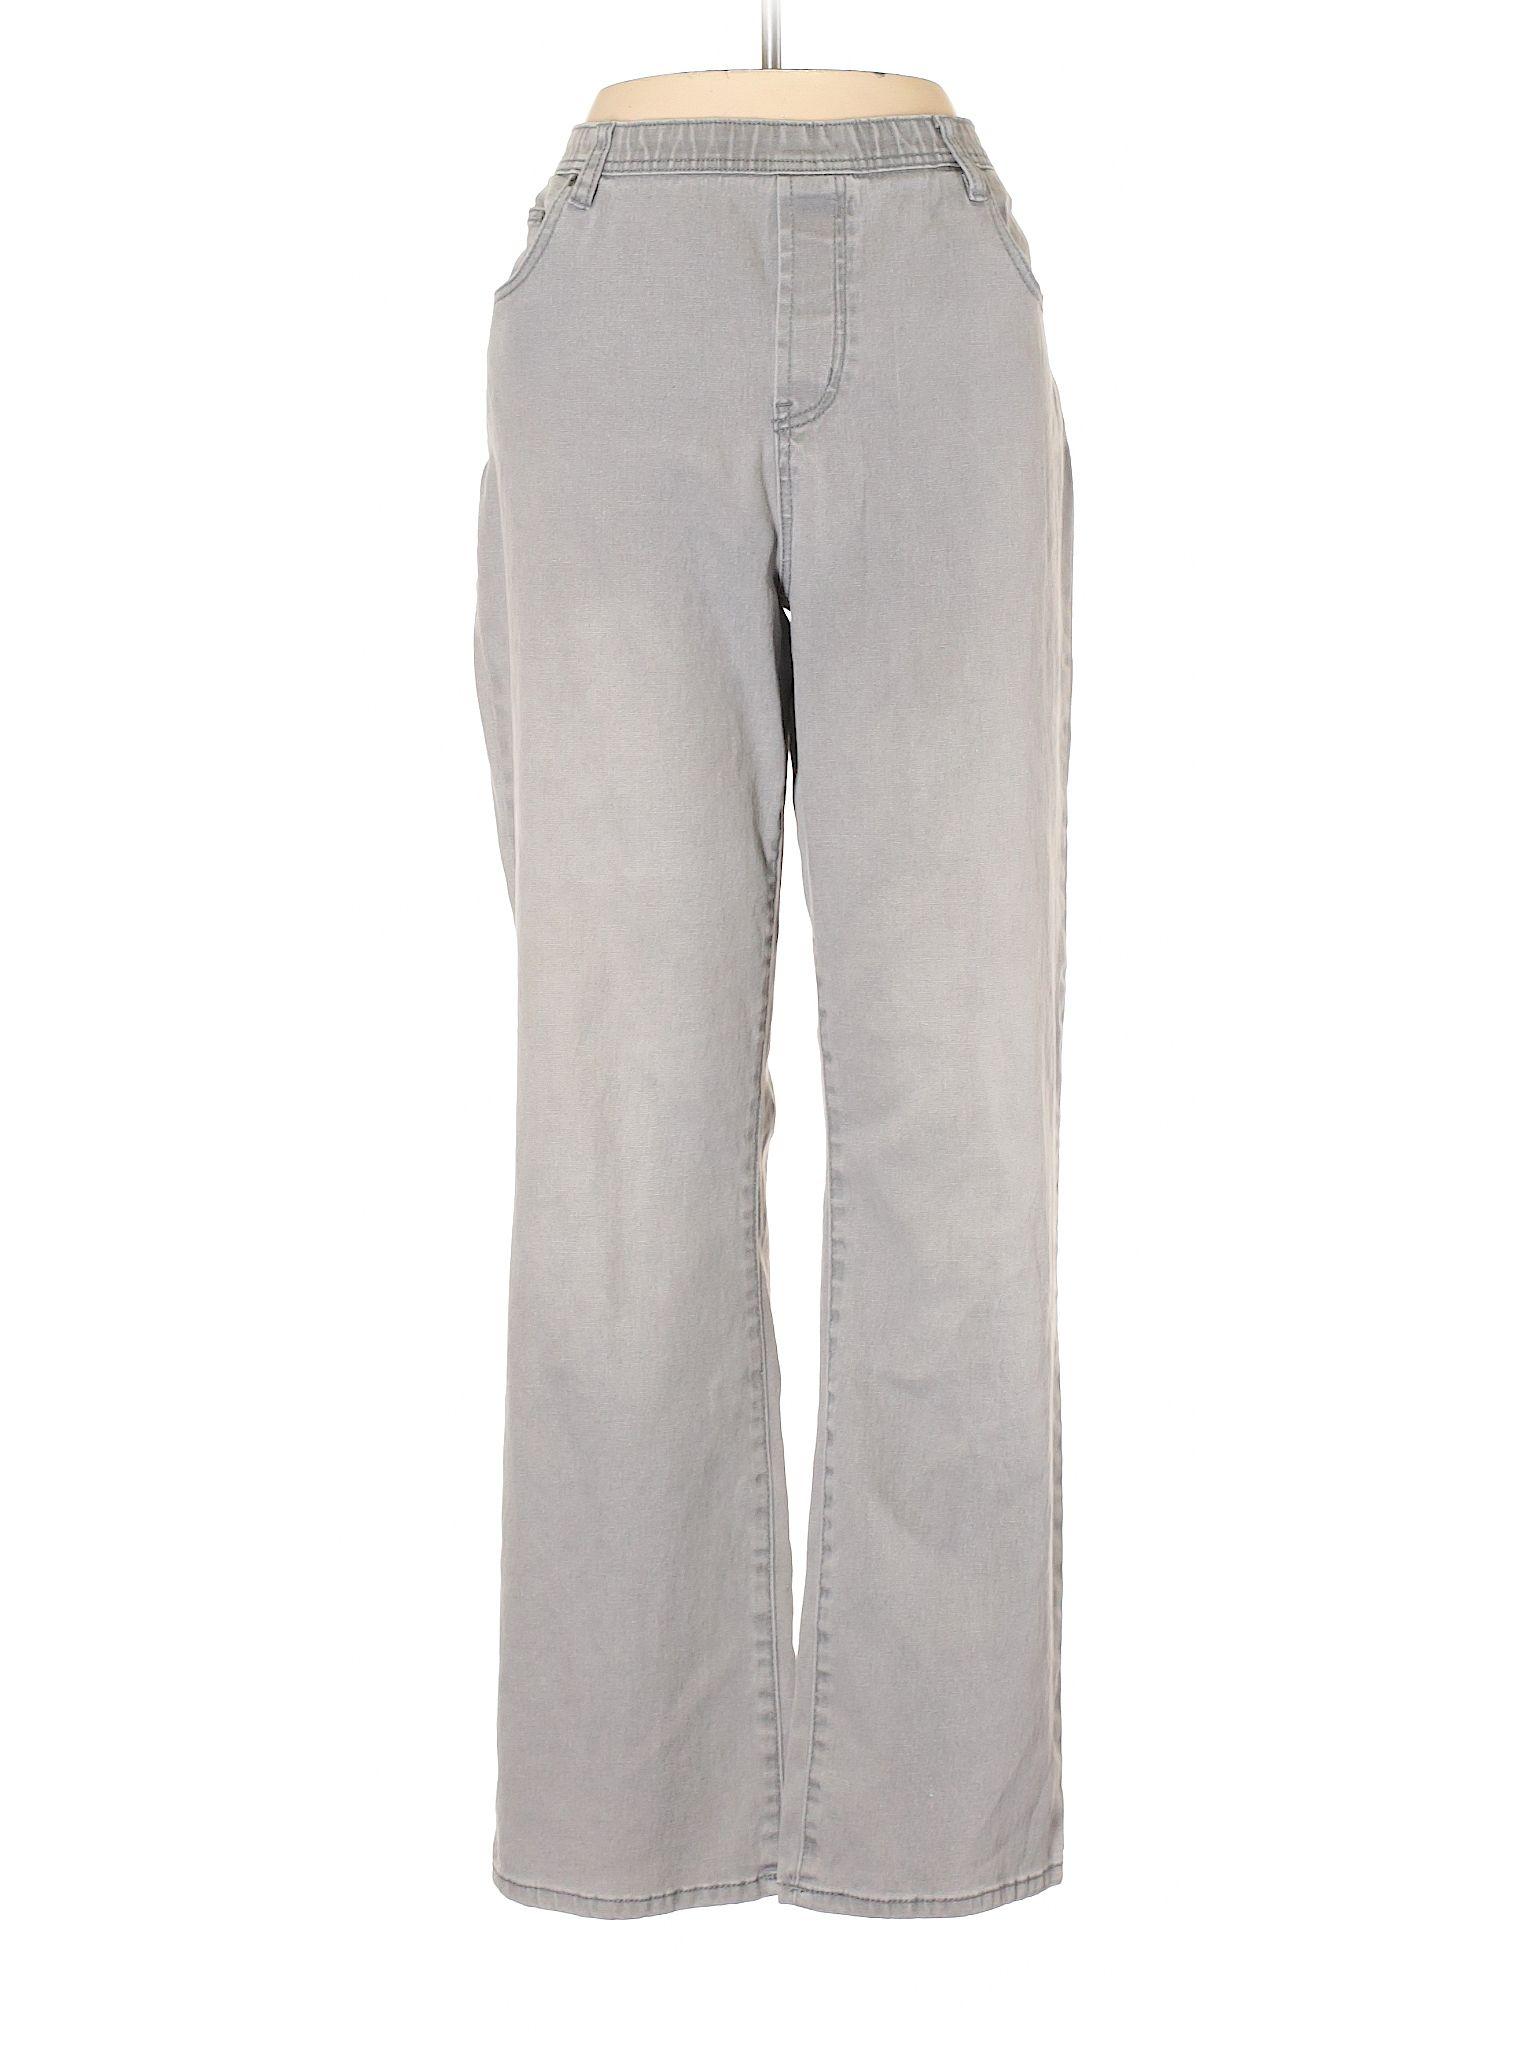 0828a45ceeae DG^2 by Diane Gilman Jeans: Size 12.00 Gray Women's Bottoms - $9.99